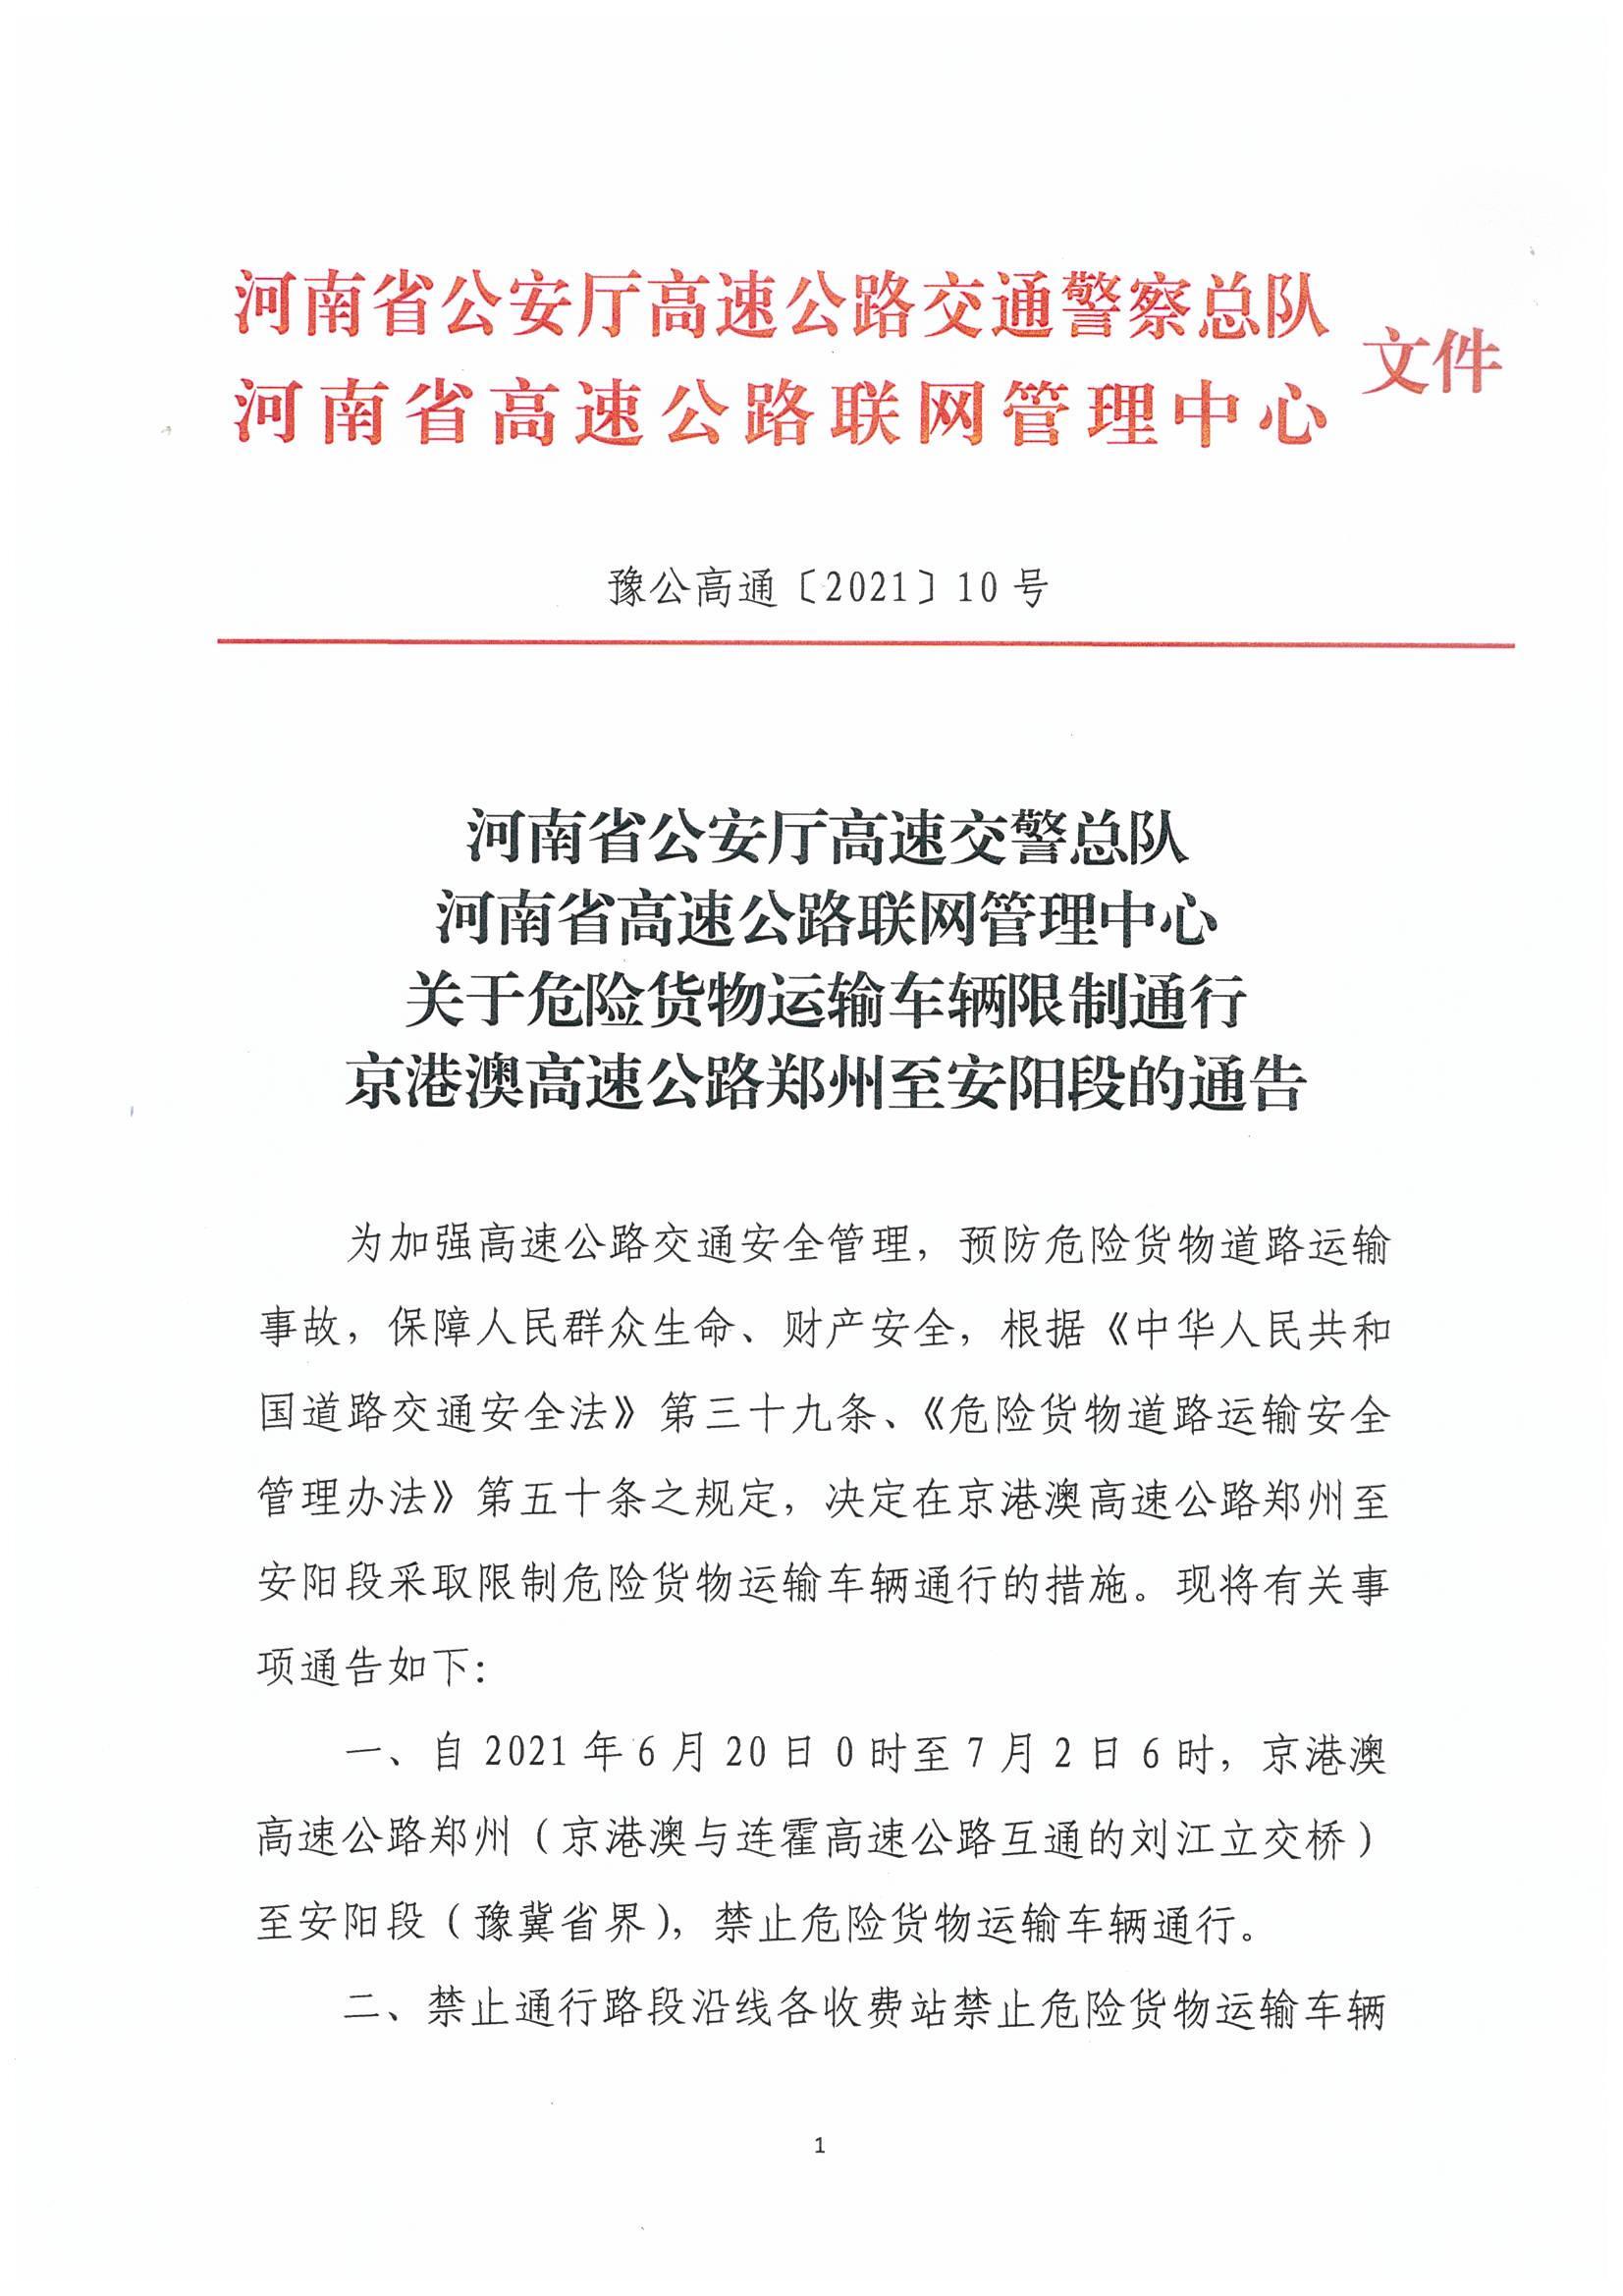 注意!京港澳高速公路郑州至安阳段禁止危险货物运输车辆通行